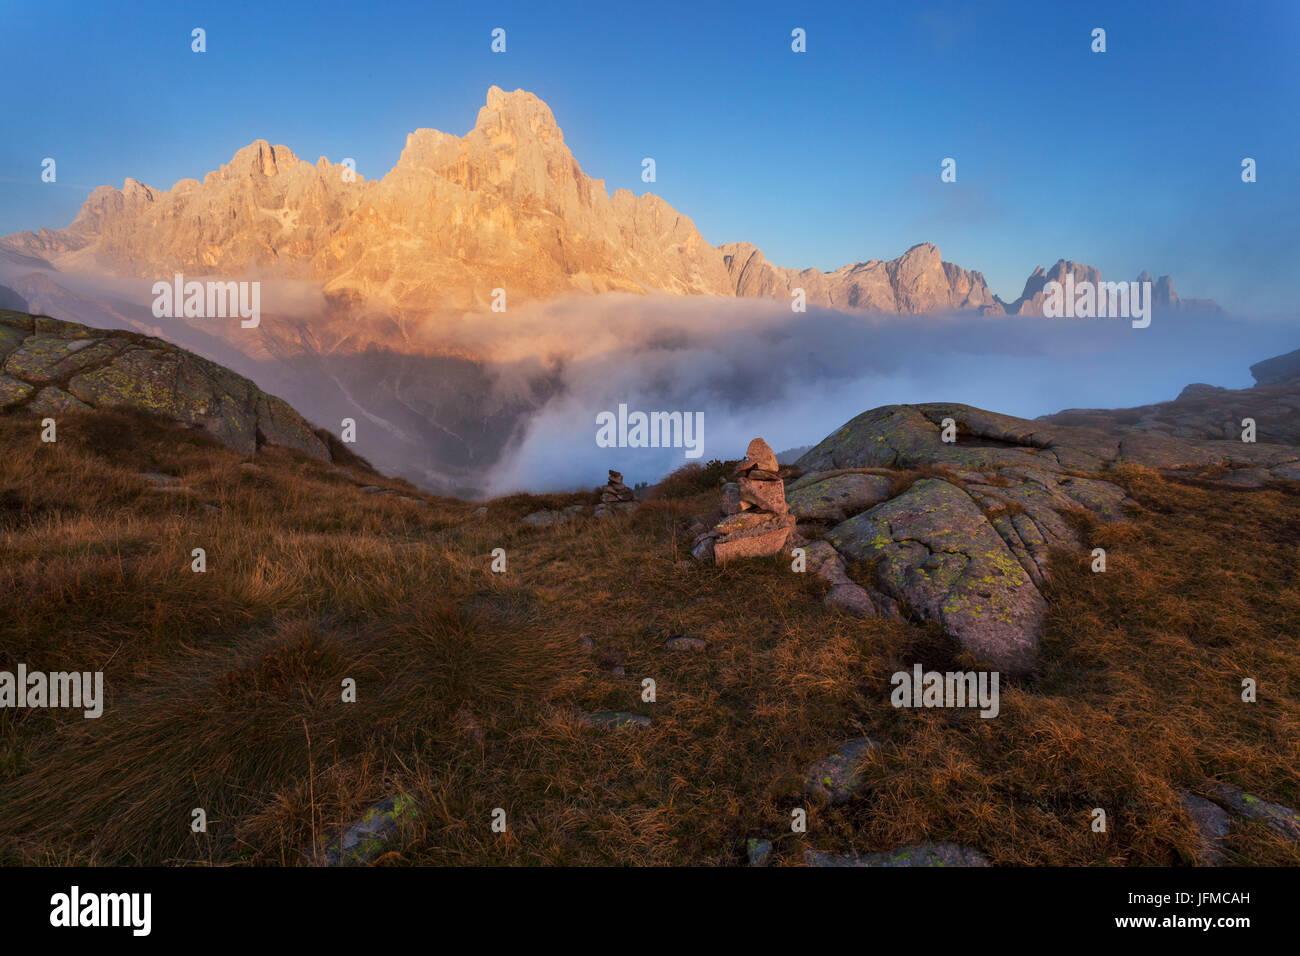 Tognazza, Alps, Lagorai, San Martino di Castrozza, Trentino, Italy, Stock Photo